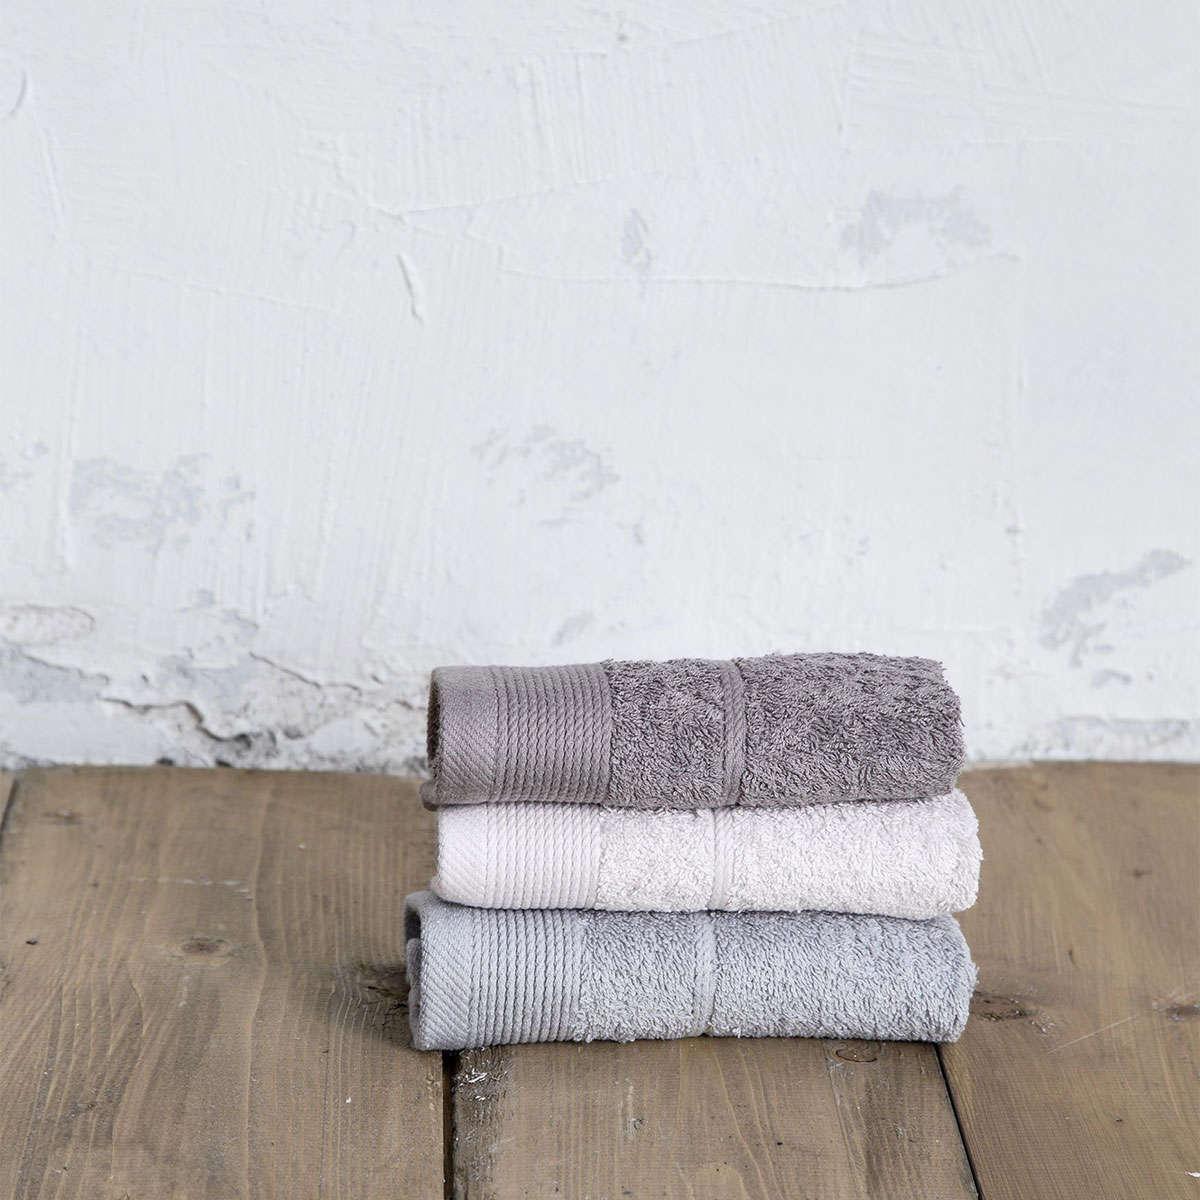 Πετσέτες Σετ 3τμχ. Ritz – Swig Multi Nima Σετ Πετσέτες 30x50cm